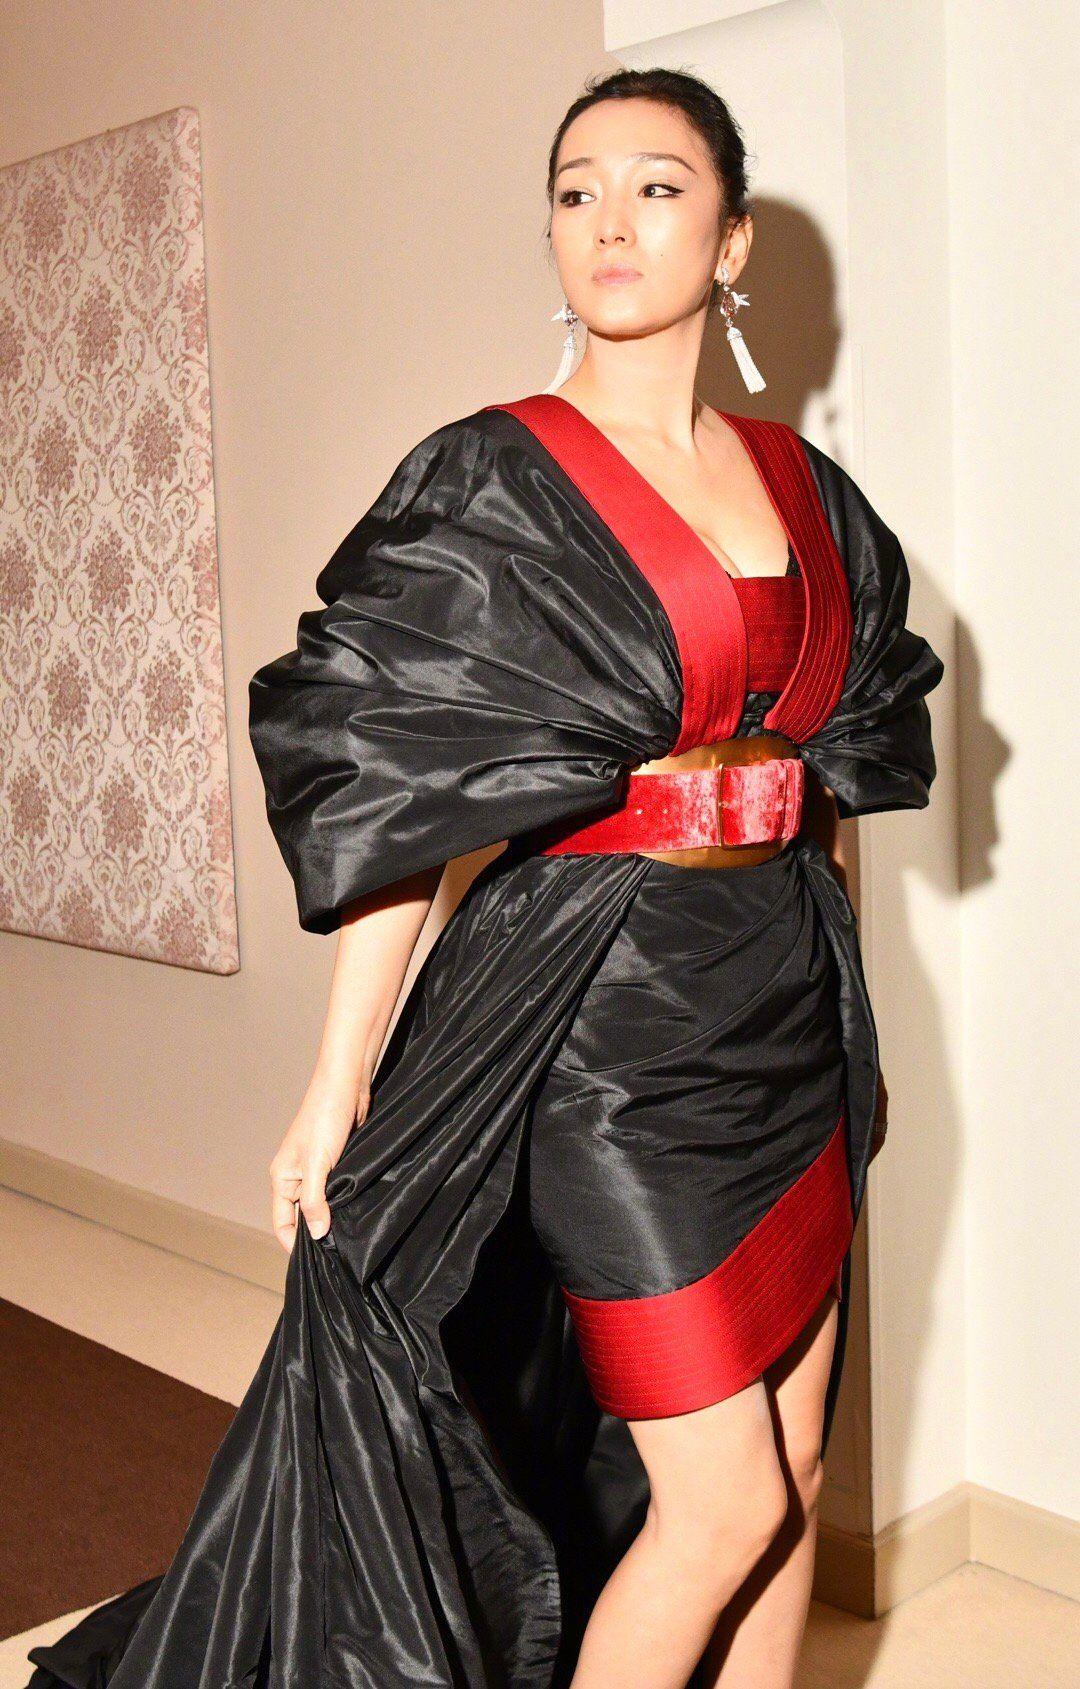 巩俐红毯服像廉价垃圾袋,穿着膀大腰圆,被吐槽毫无美感!